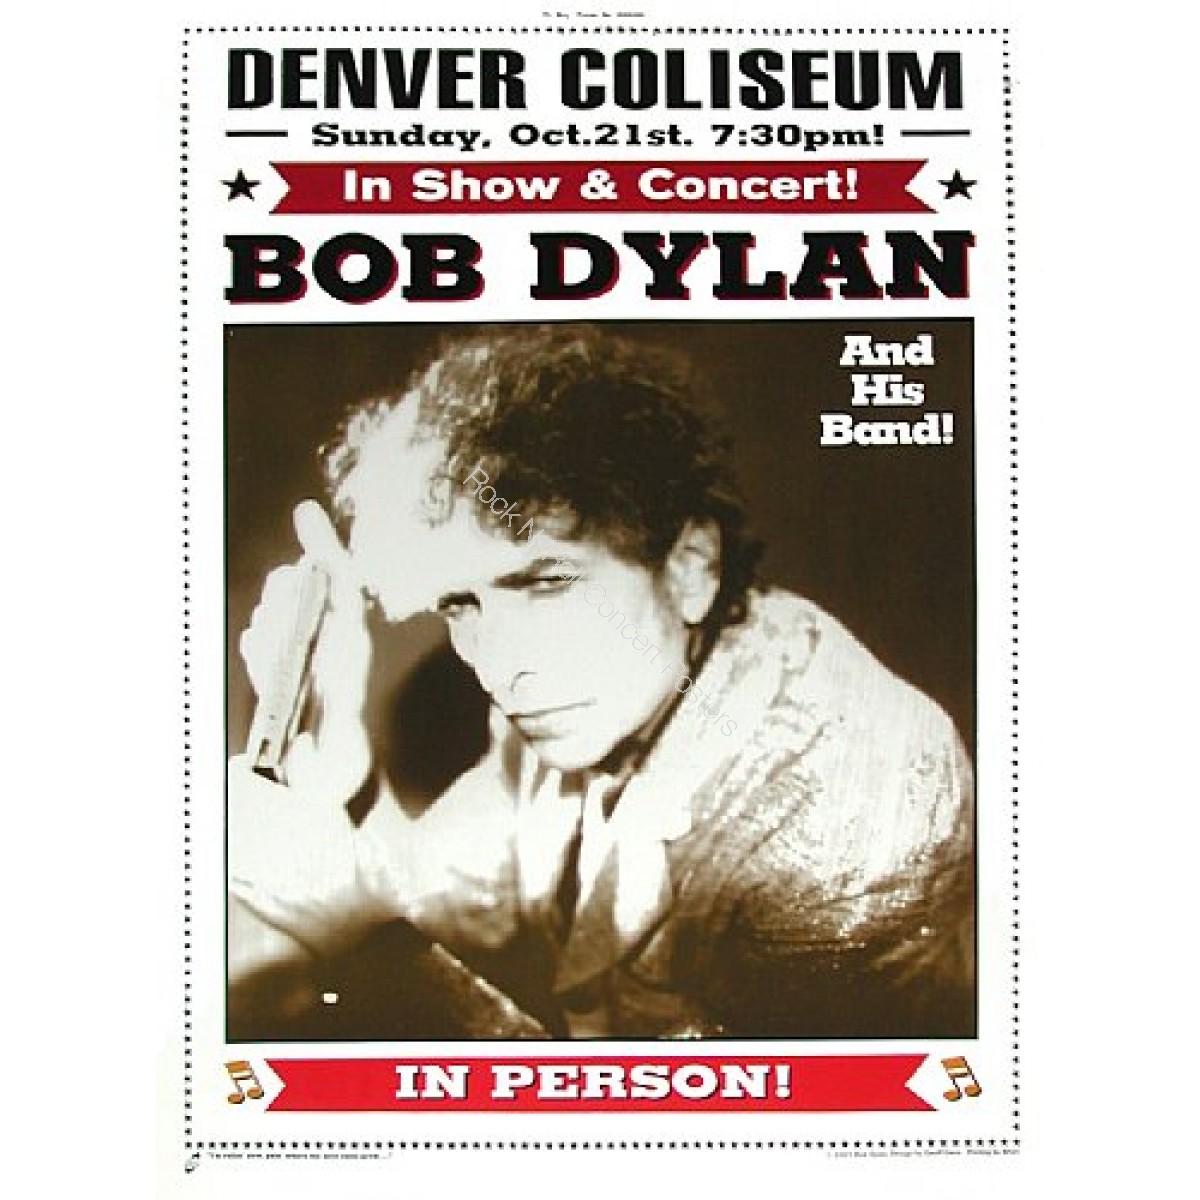 Bob Dylan Denver Coliseum